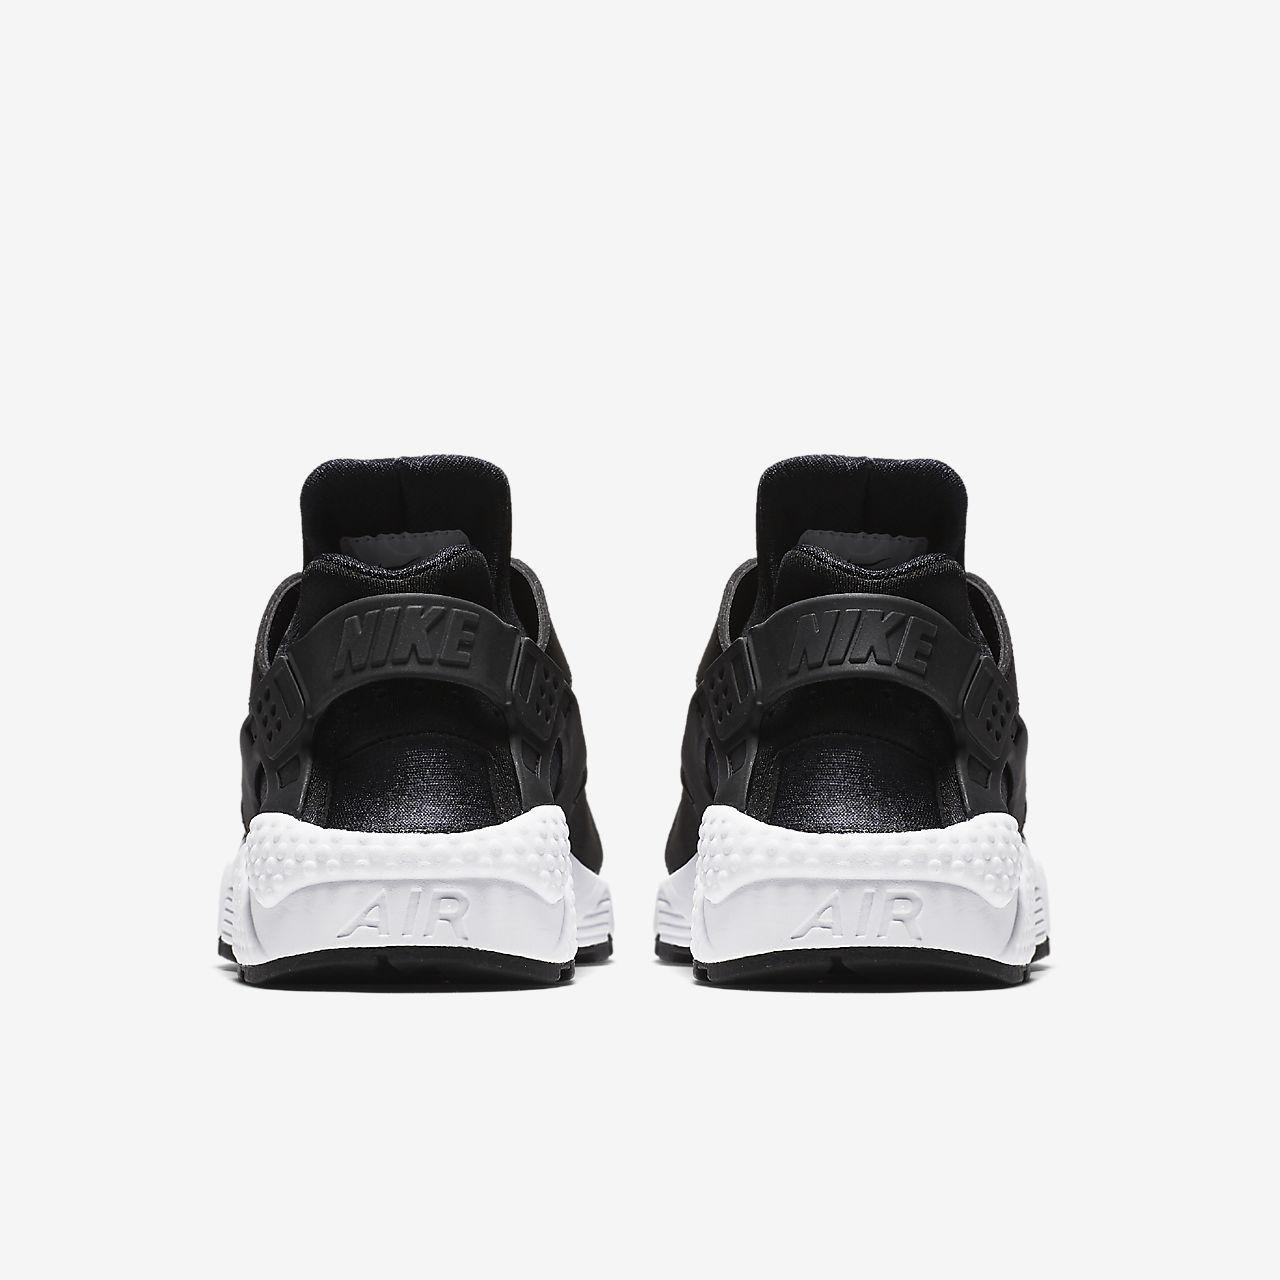 Air Pour Femmefr Huarache Nike Chaussure Xwdroecb m8vNnw0O